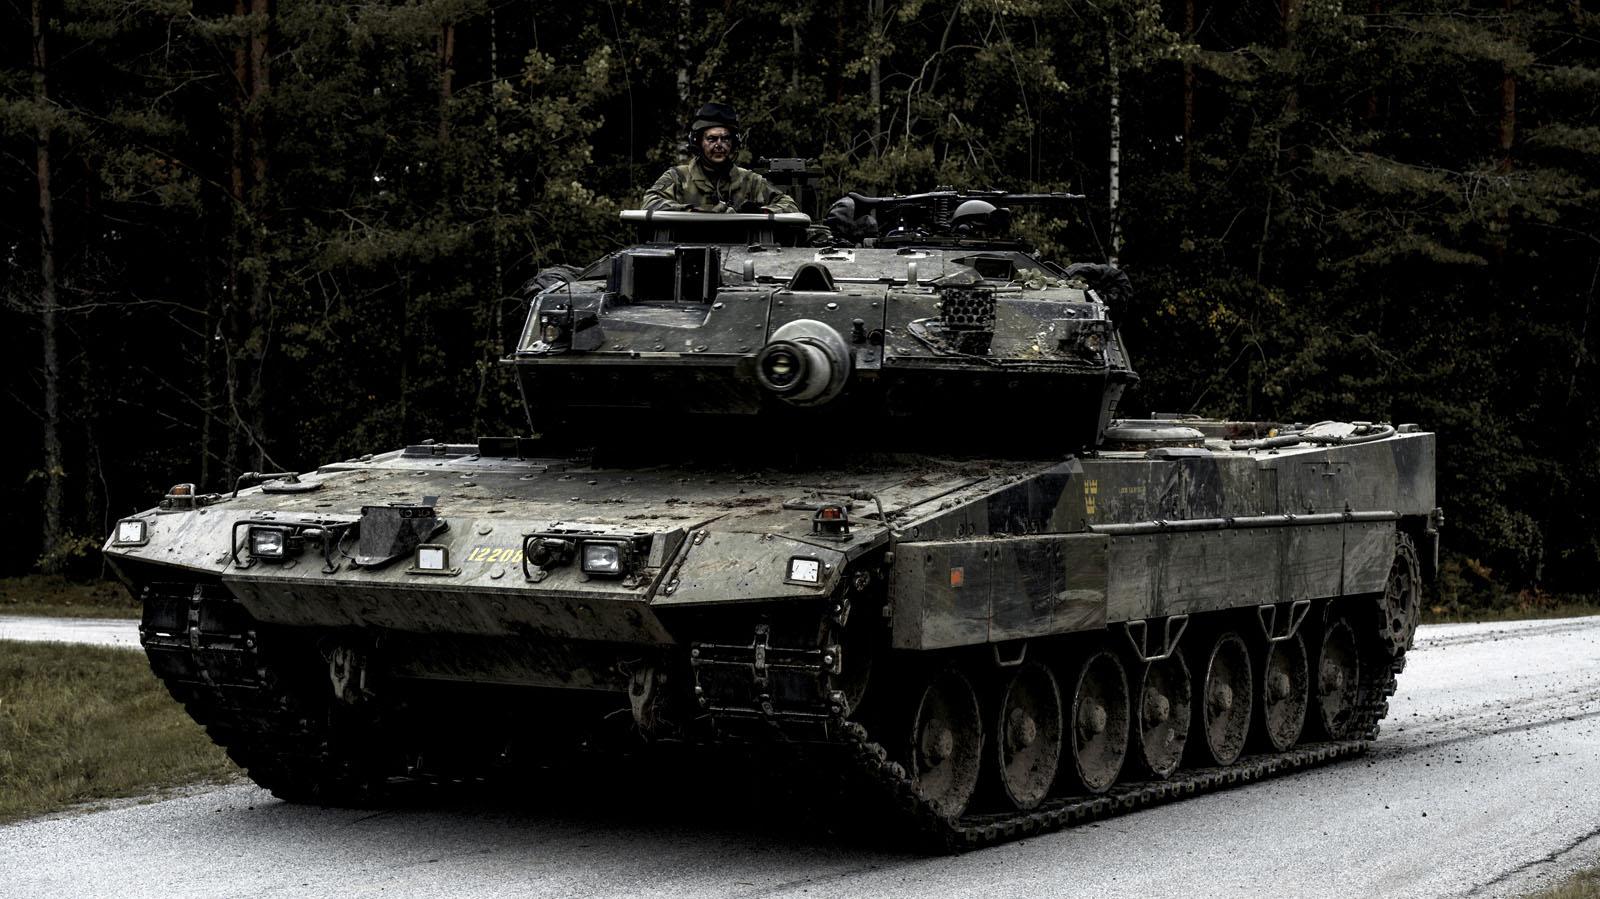 Aurora 17 har ökat Försvarsmaktens förmåga avseende nationellt försvar. Foto: Astrid Amtén Skage, Försvarsmakten